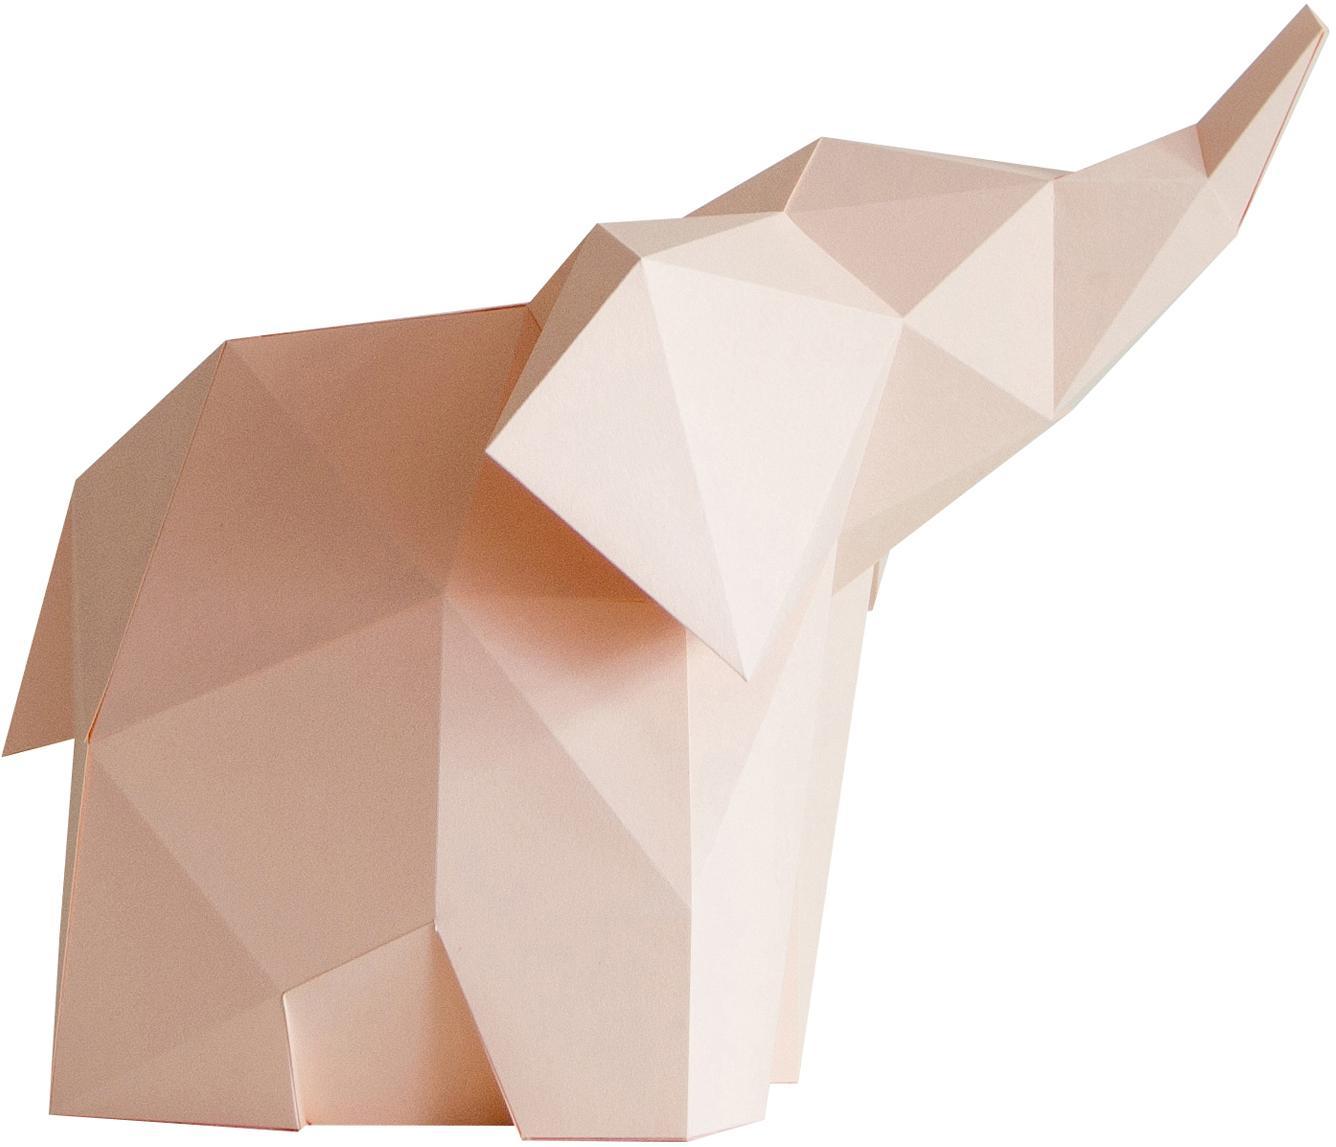 Tafellamp Baby Elephant, bouwpakket van papier, Lampenkap: papier, 160 g/m², Voetstuk: MDF, kunststof, Roze, 23 x 24 cm